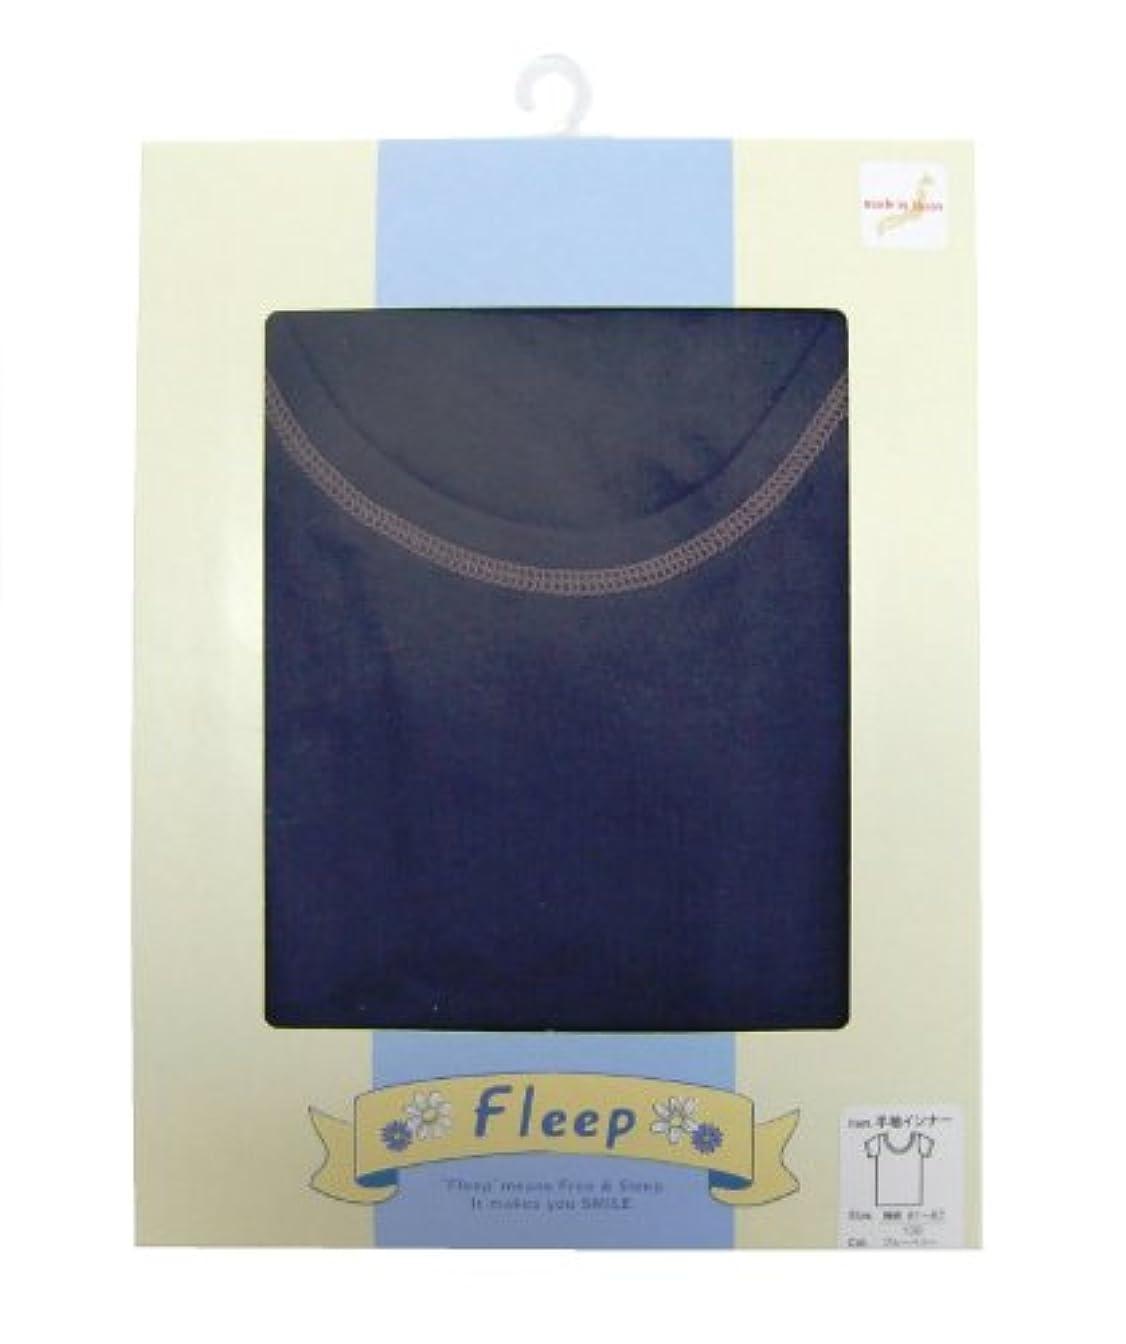 から聞く居眠りする量でFleep KIDSカジュアル半袖インナー ブルーベリー 100cm